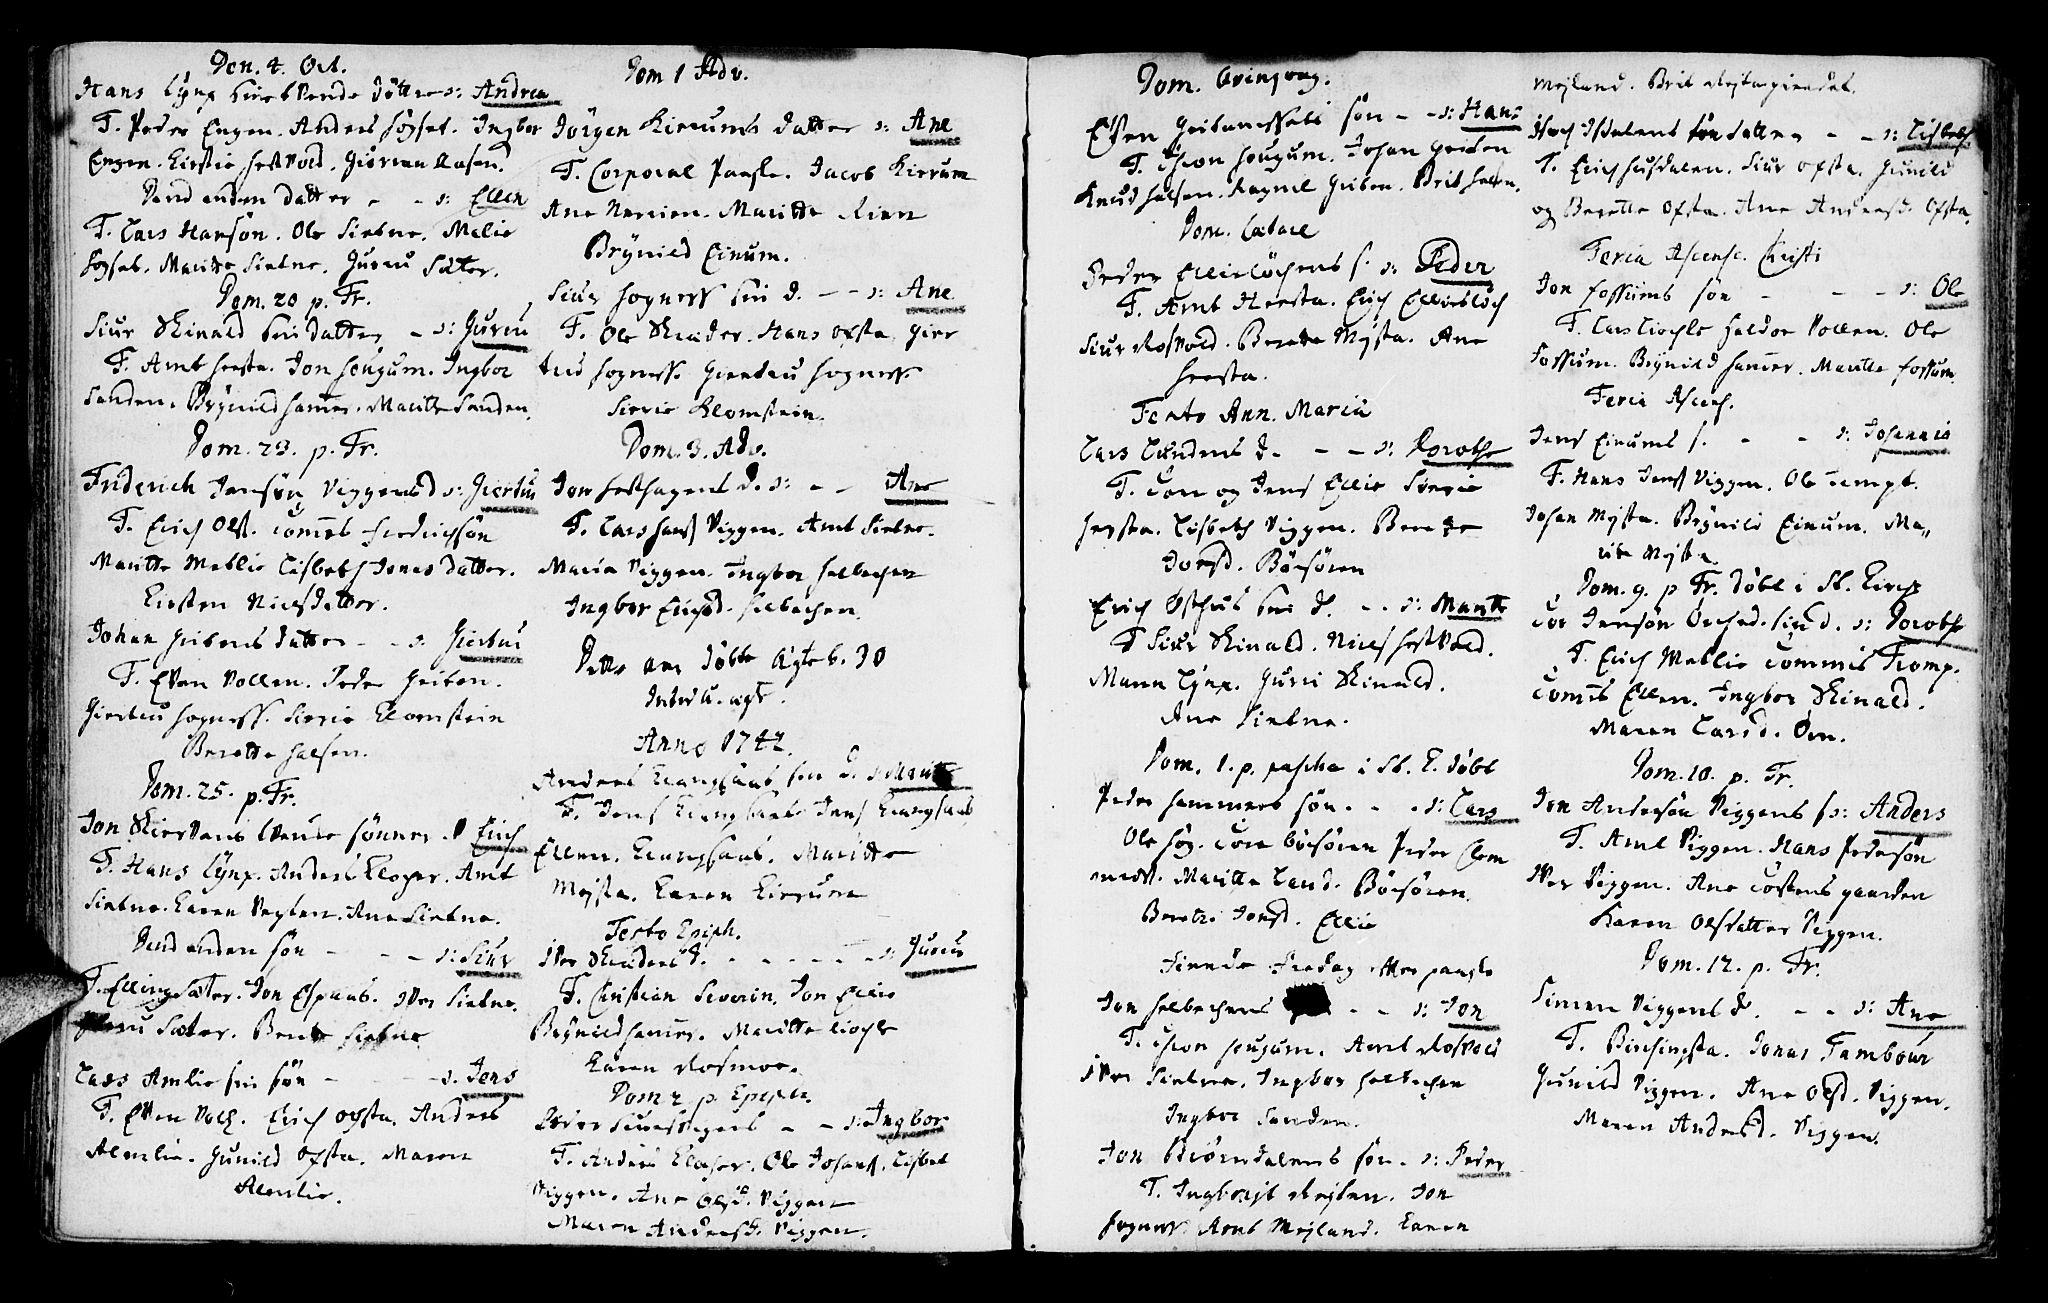 SAT, Ministerialprotokoller, klokkerbøker og fødselsregistre - Sør-Trøndelag, 665/L0767: Ministerialbok nr. 665A02, 1735-1753